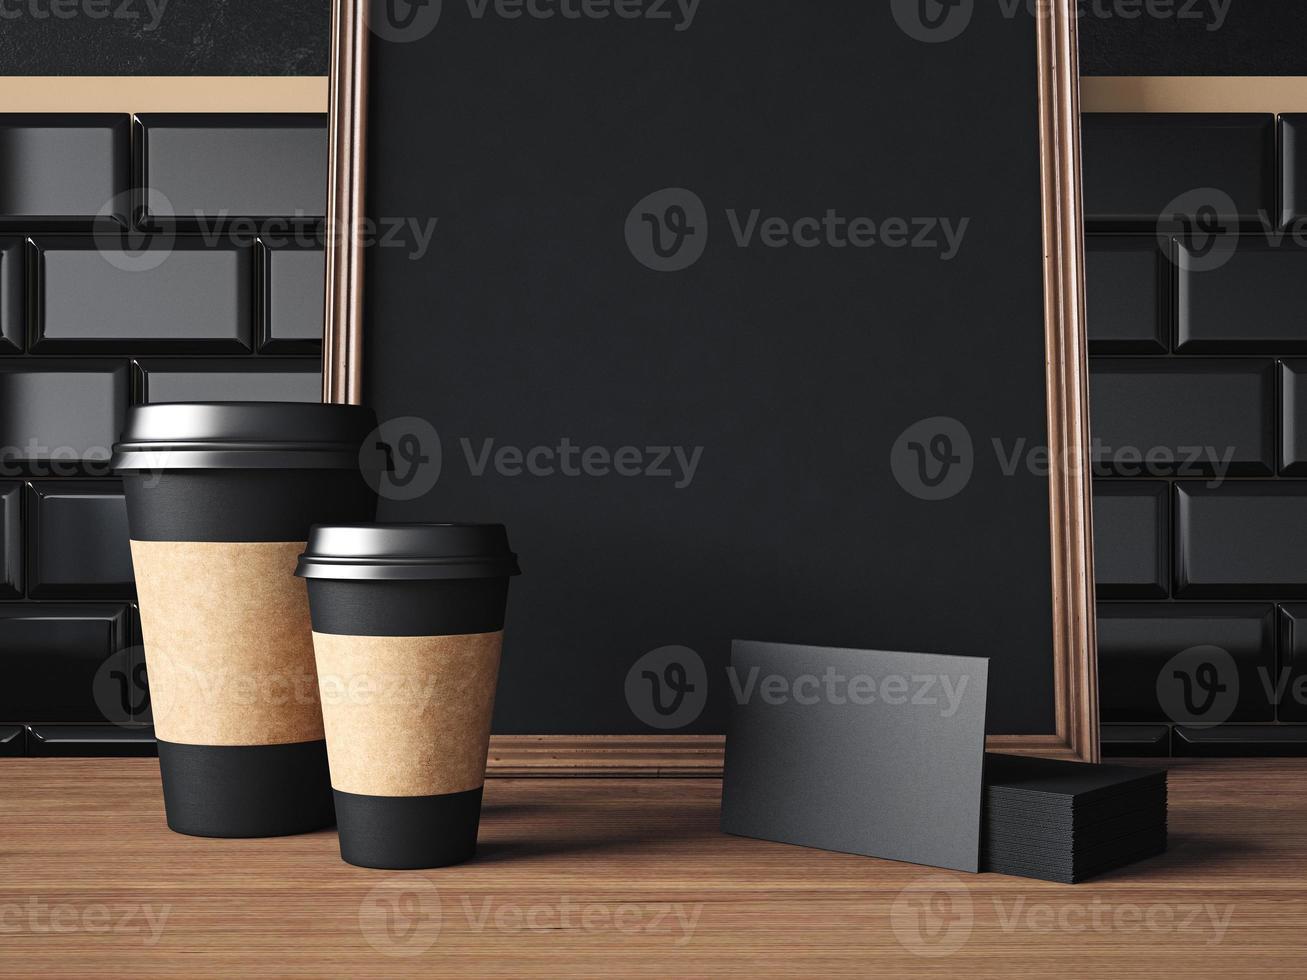 table avec éléments noirs et affiche. Rendu 3D photo